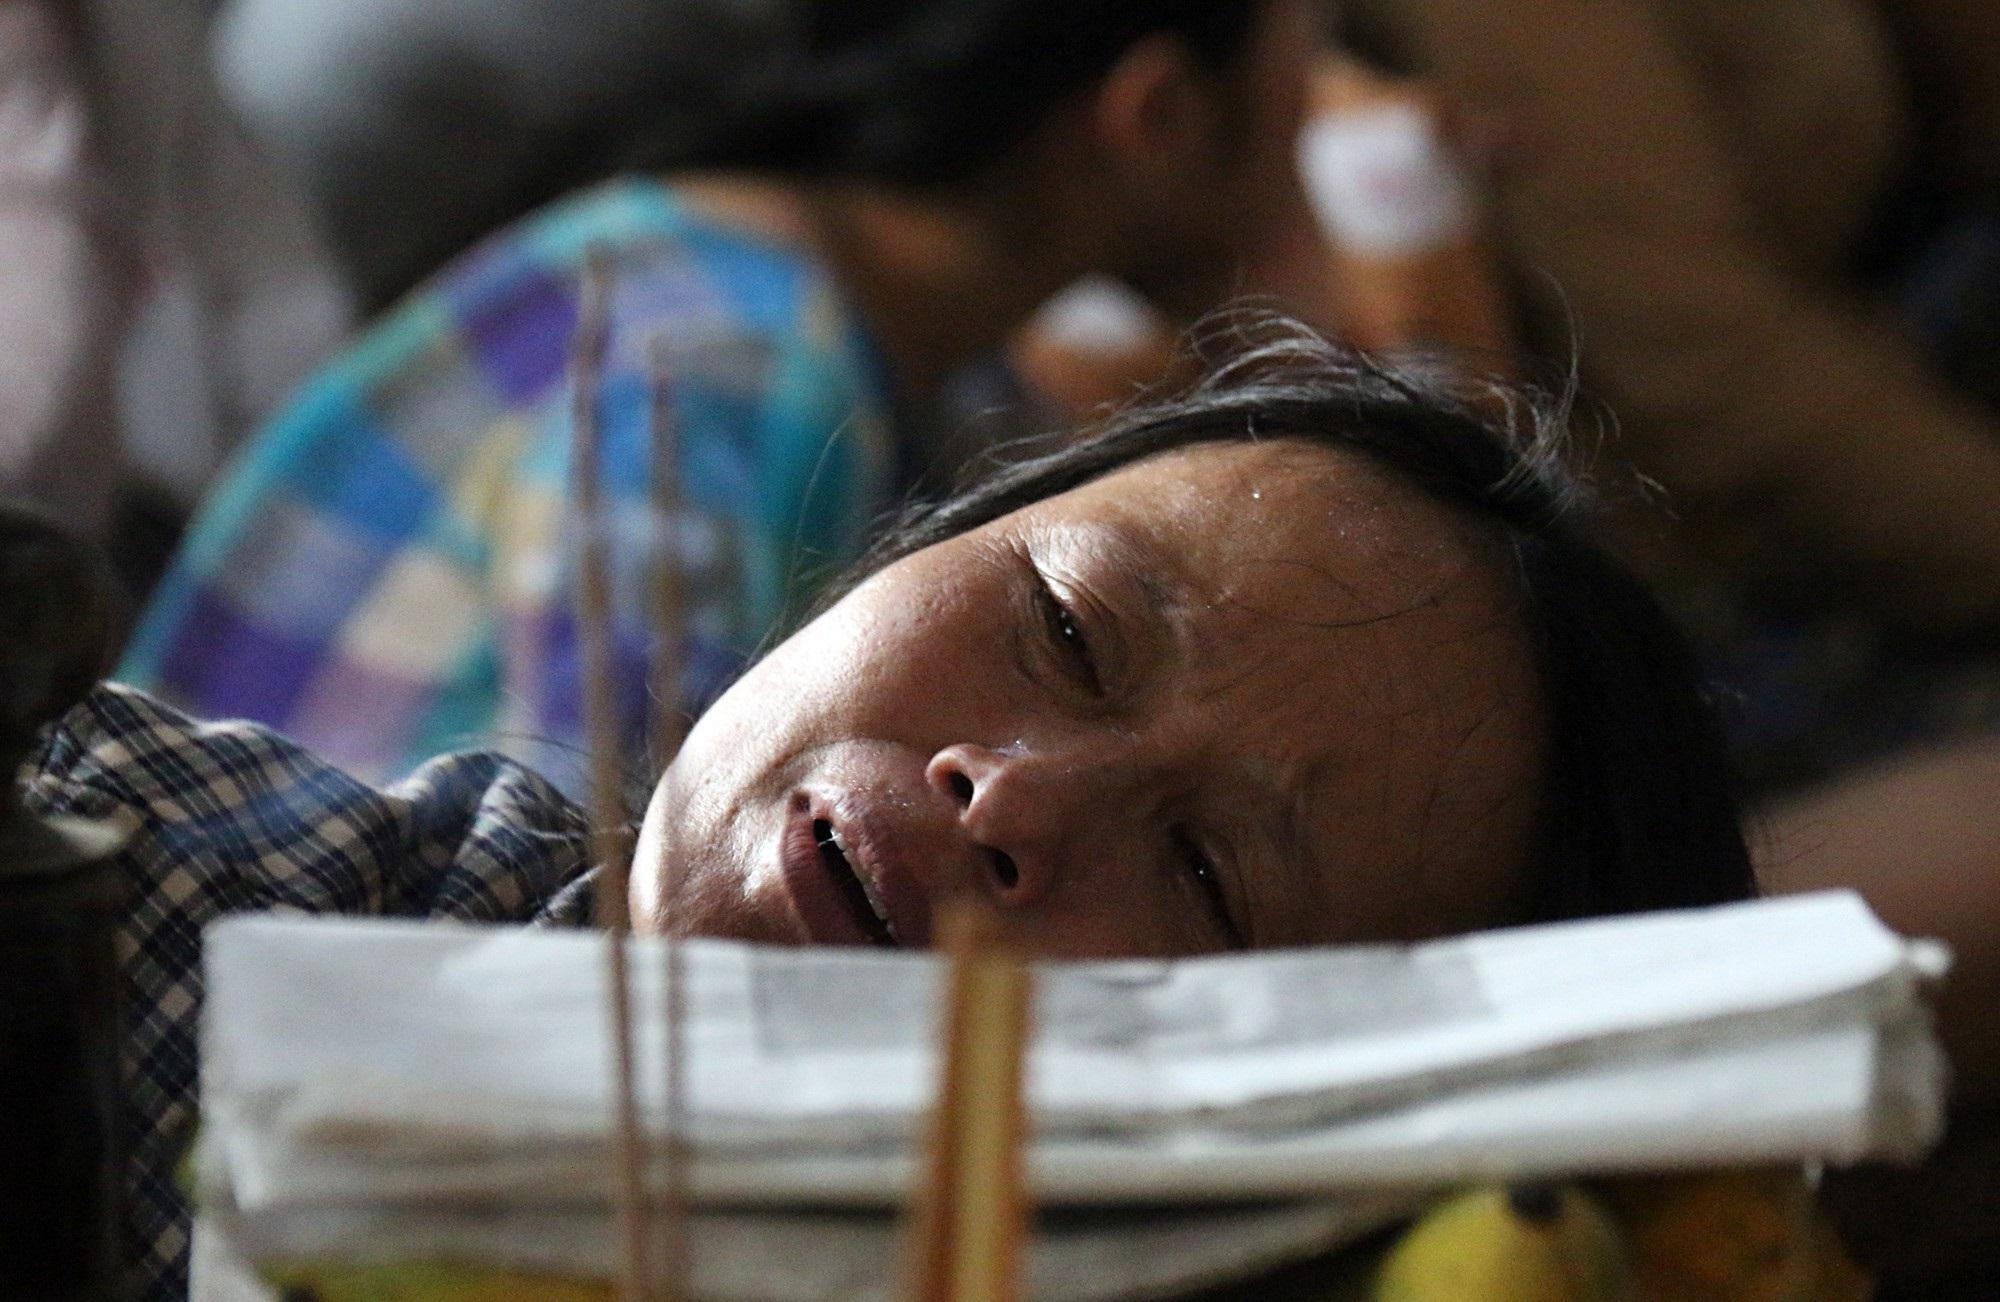 Vụ chú rể và 12 người thân trong đoàn rước dâu tử vong vì tai nạn: Những đứa trẻ bỗng chốc... mồ côi - Ảnh 2